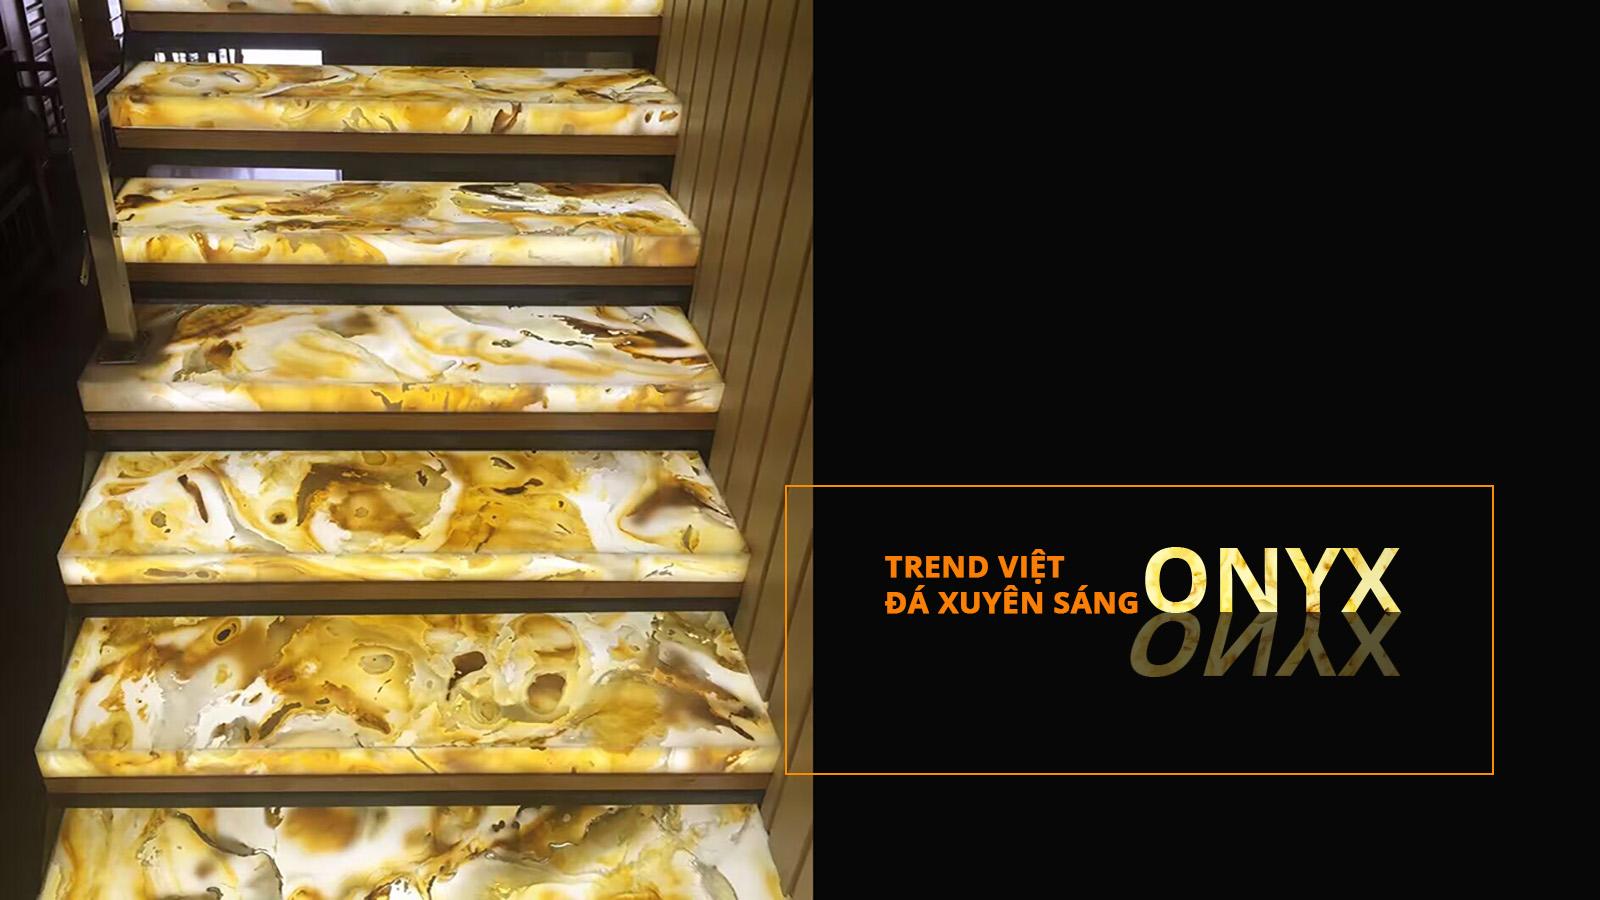 Cầu thang xuyên sáng từ Đá ngọc Onyx